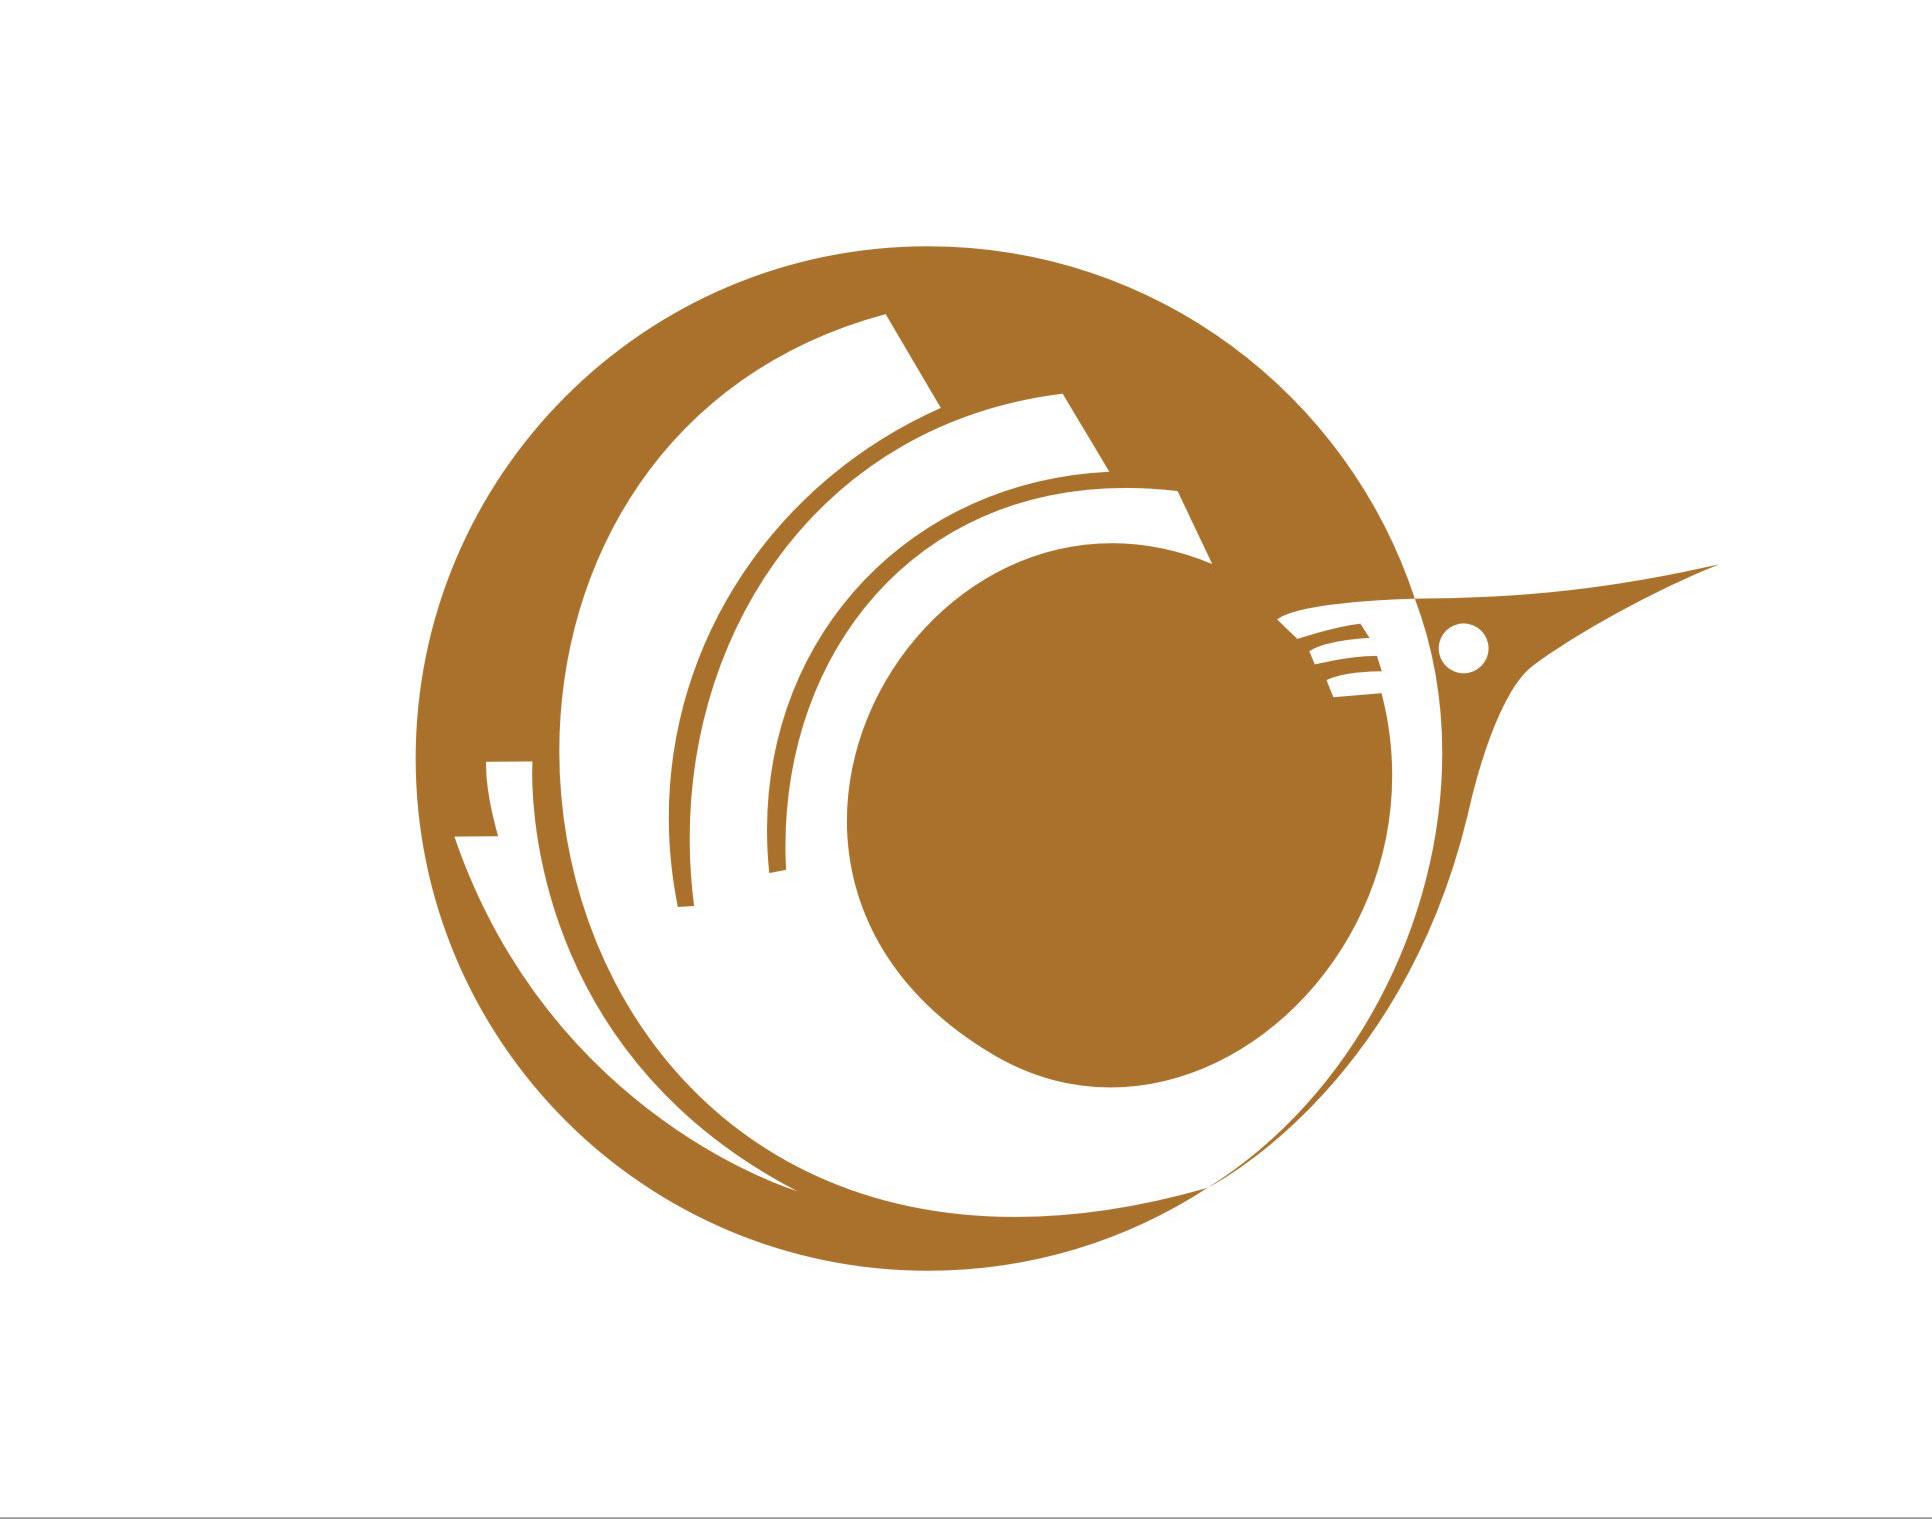 Logo biểu tượng chim lạc